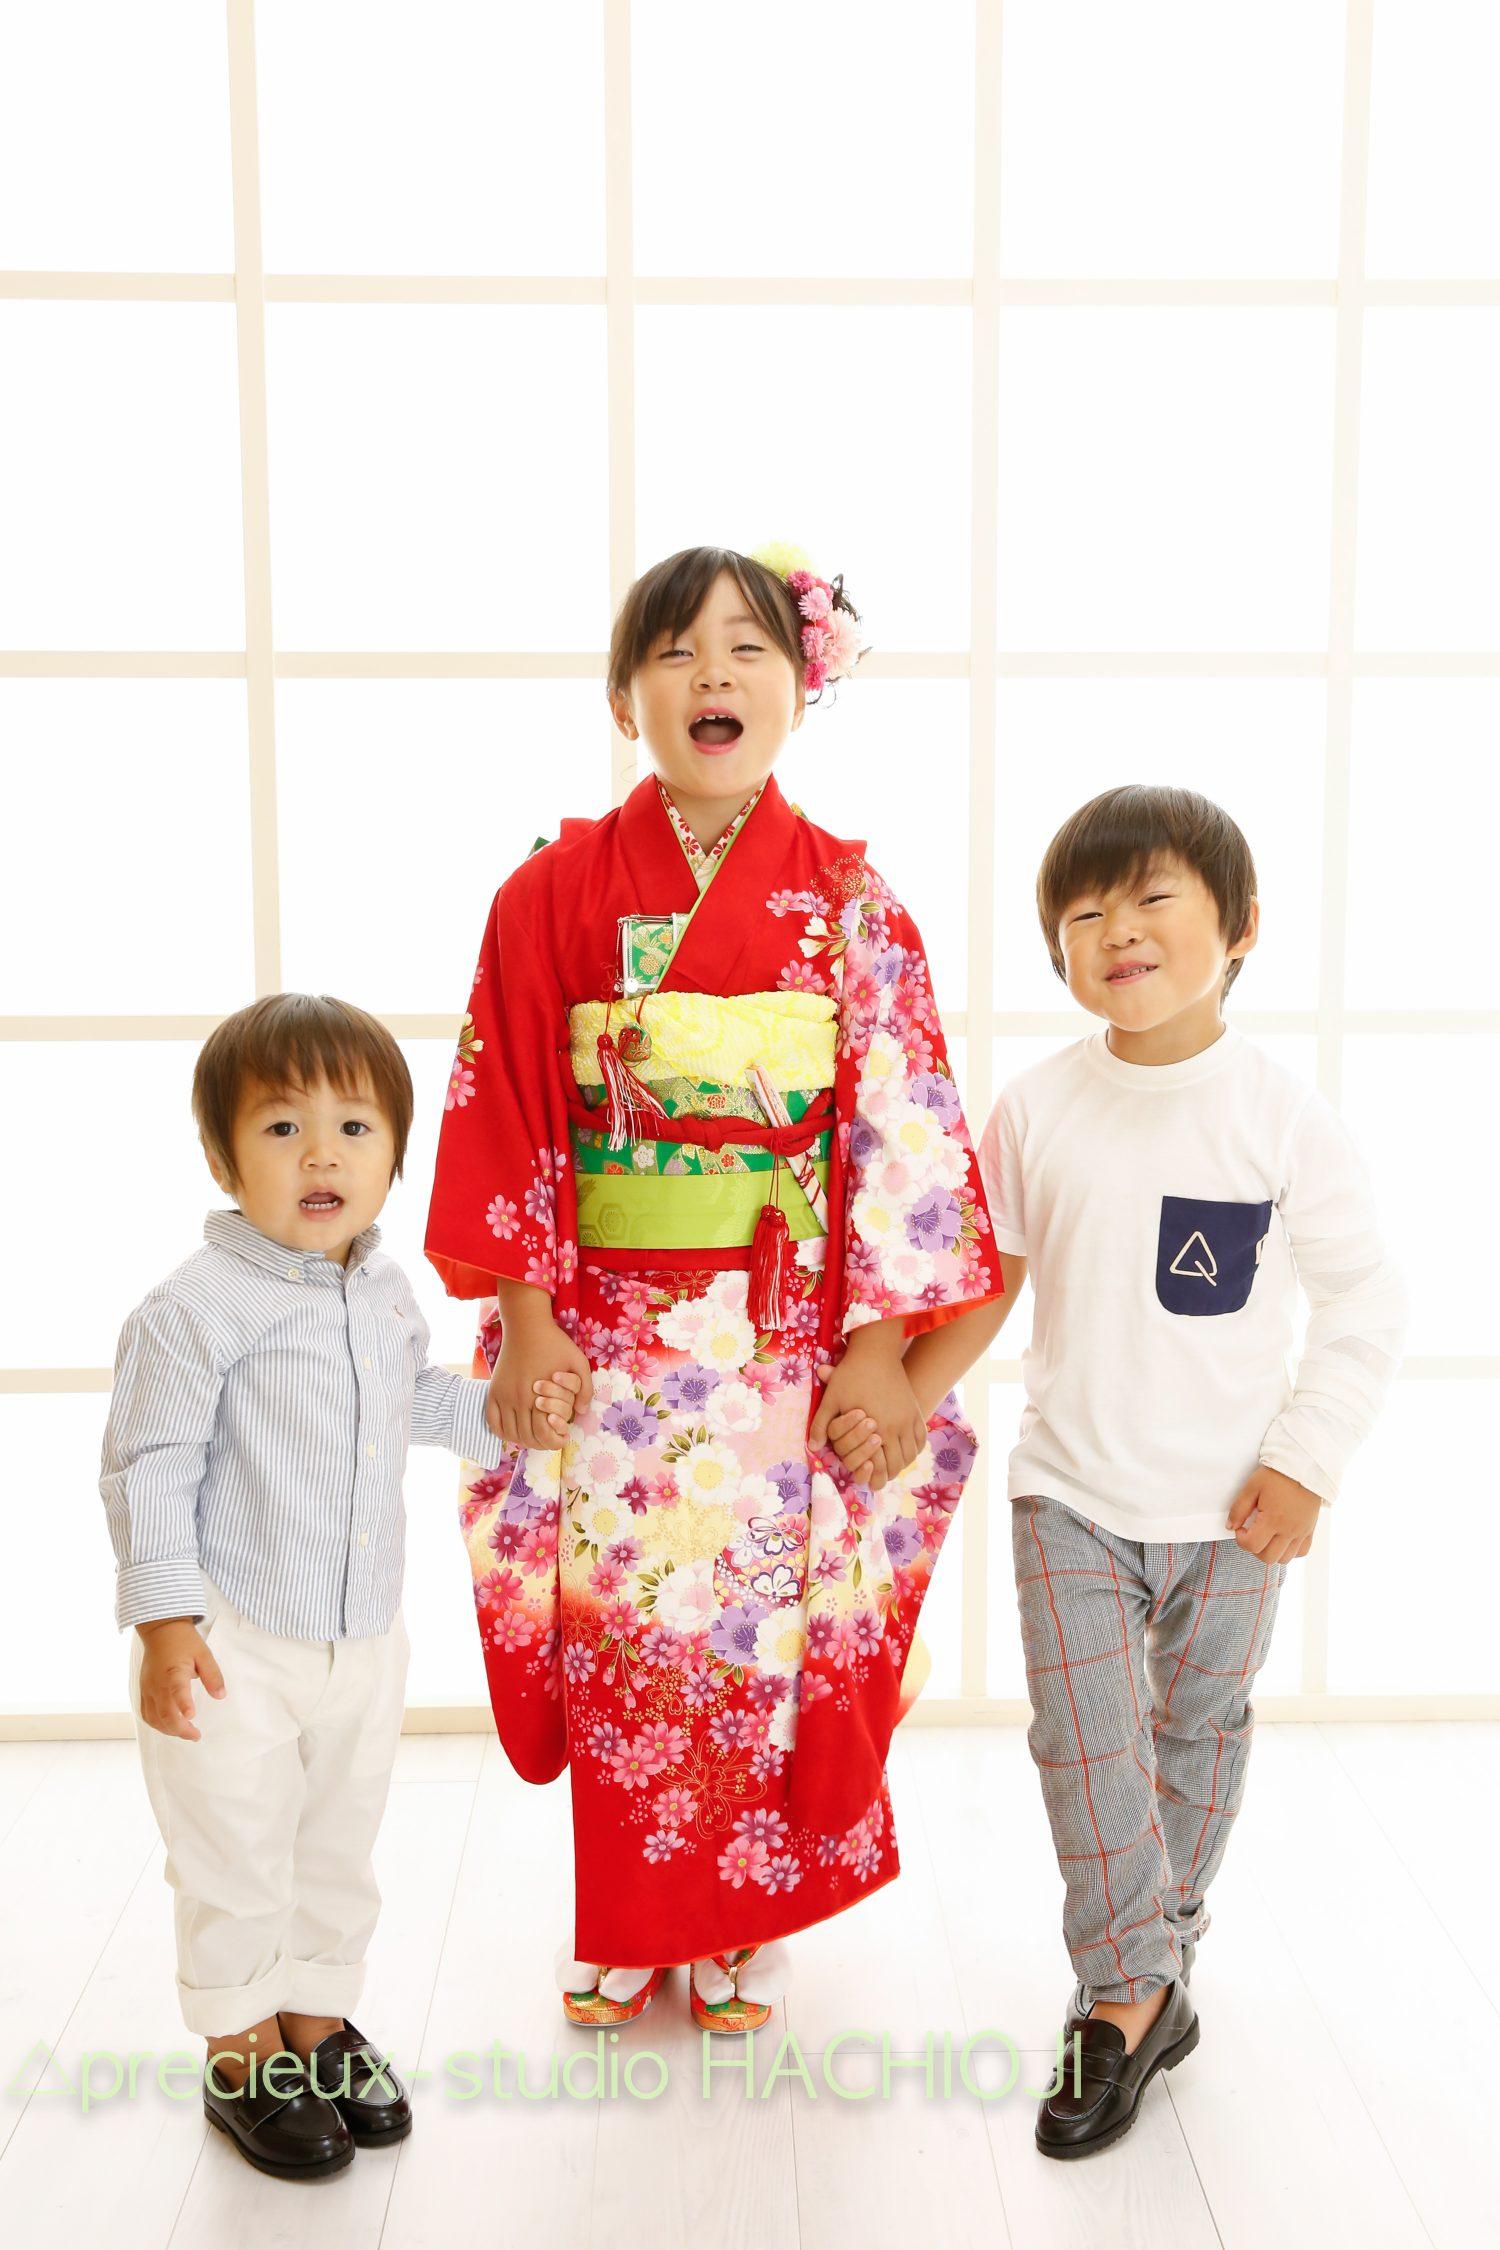 hachioji_0911_05-02